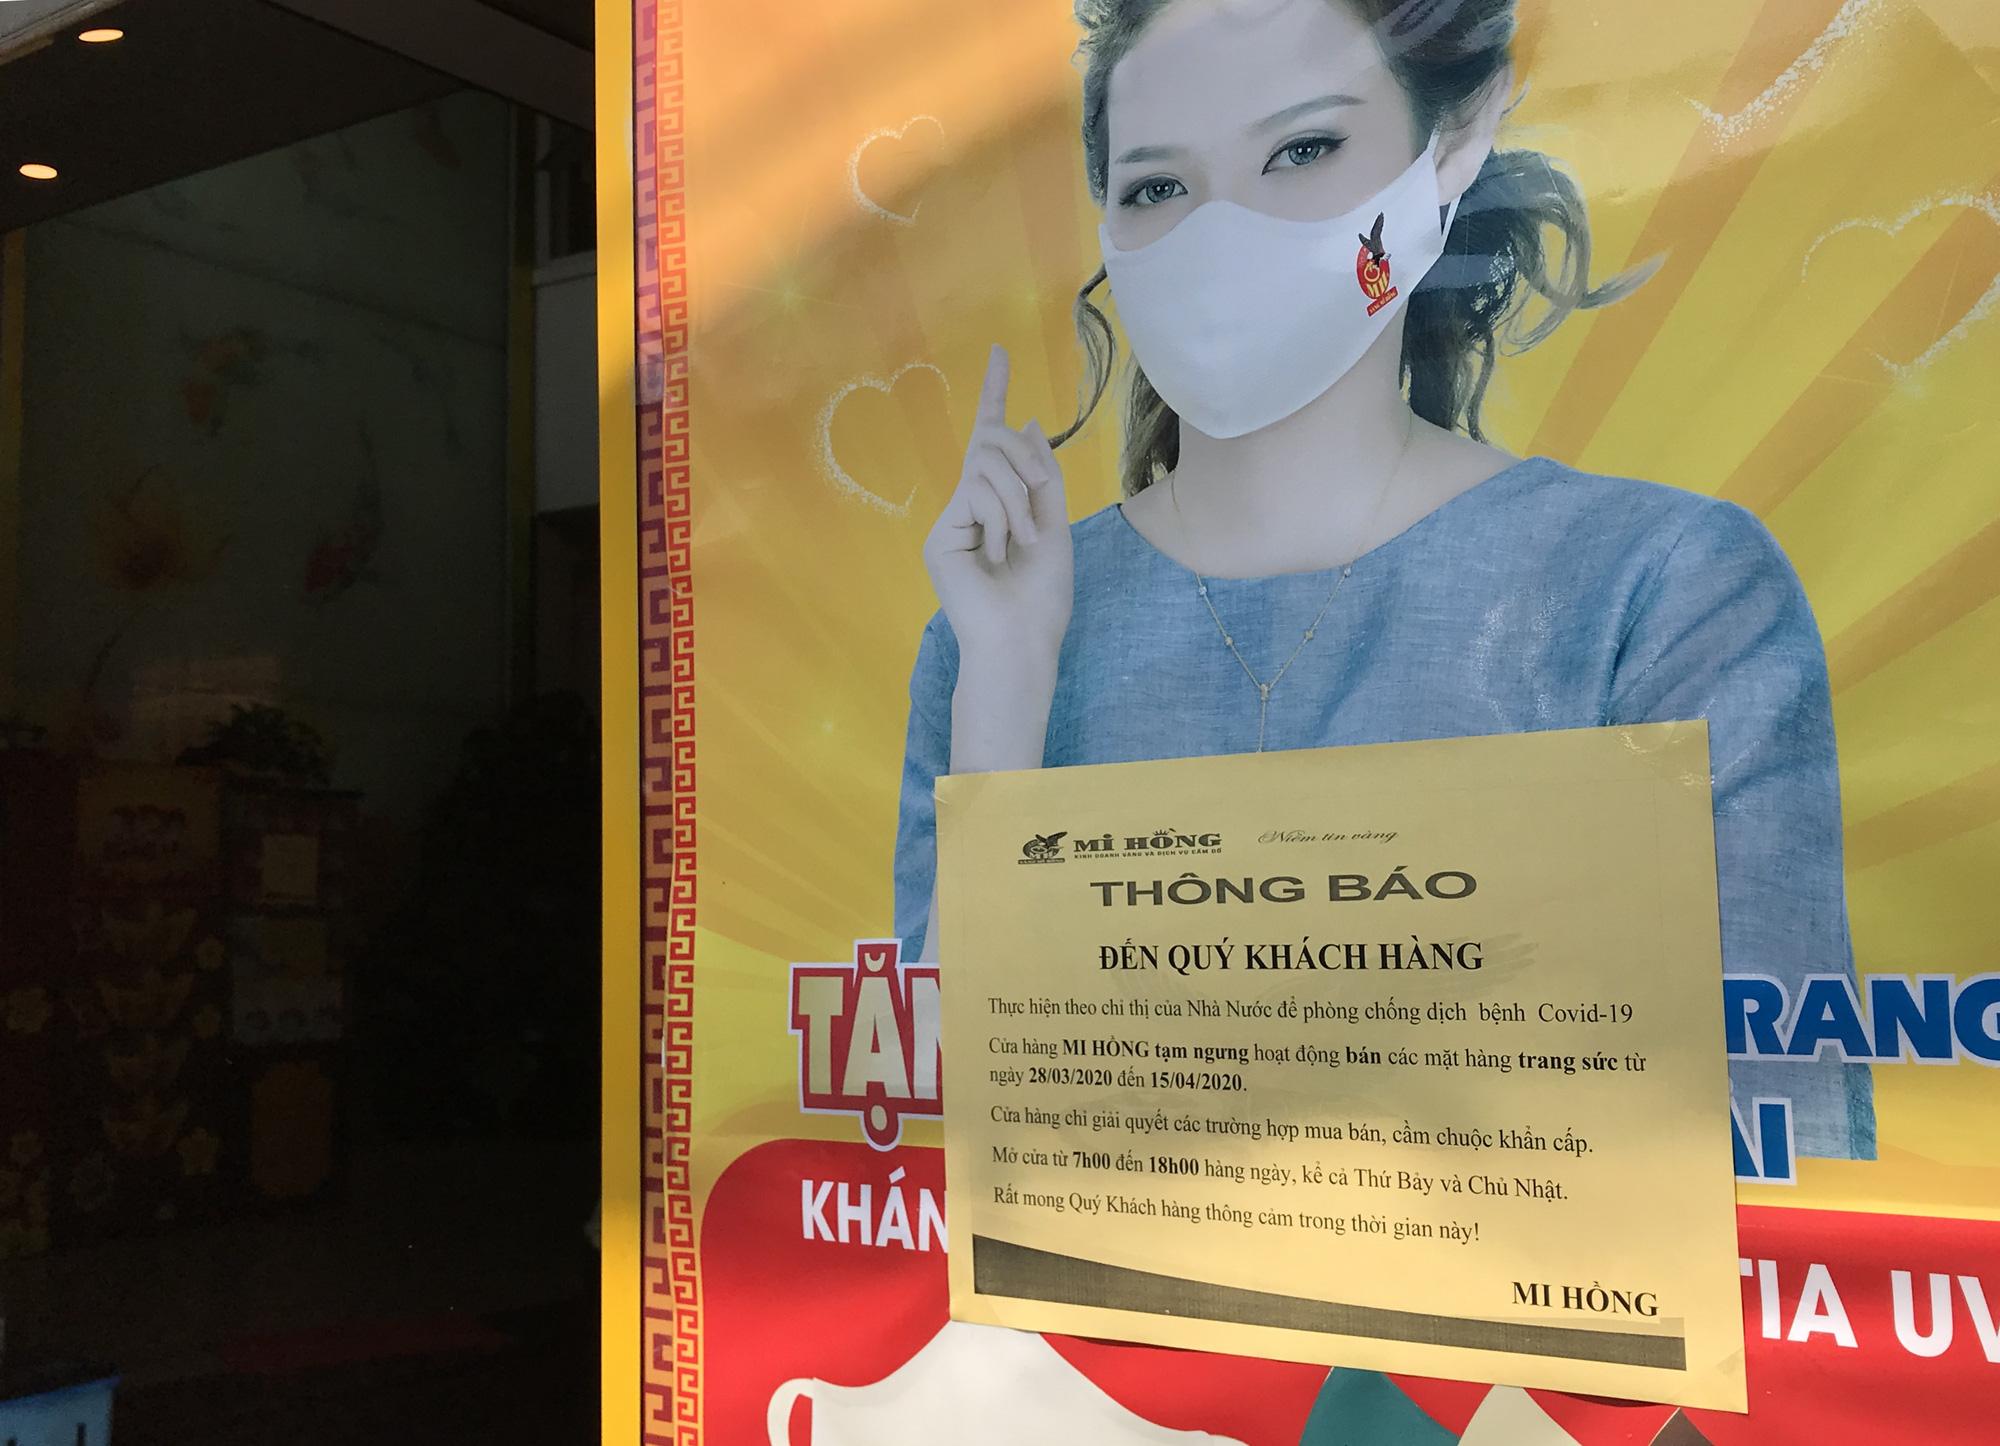 Tiệm vàng, Chanel, Gucci Sài Gòn cũng đóng cửa im ỉm phòng dịch Covid-19 - Ảnh 3.